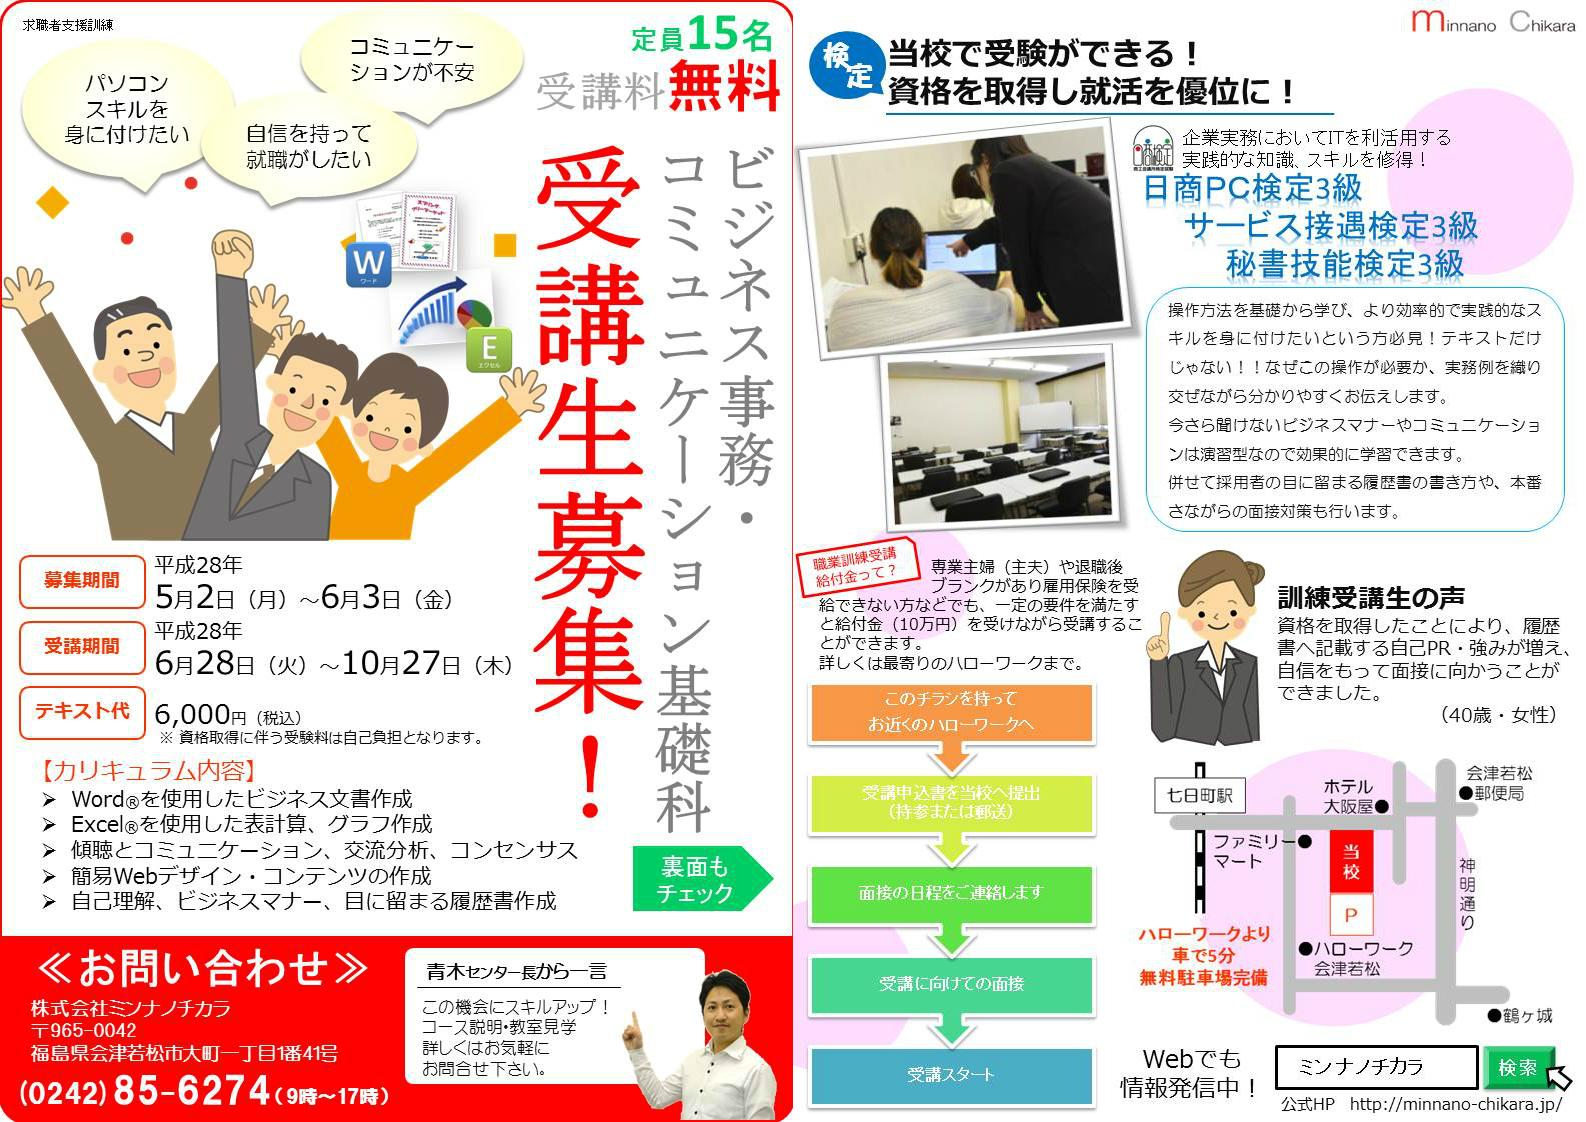 ビジネス事務・コミュニケーション基礎科